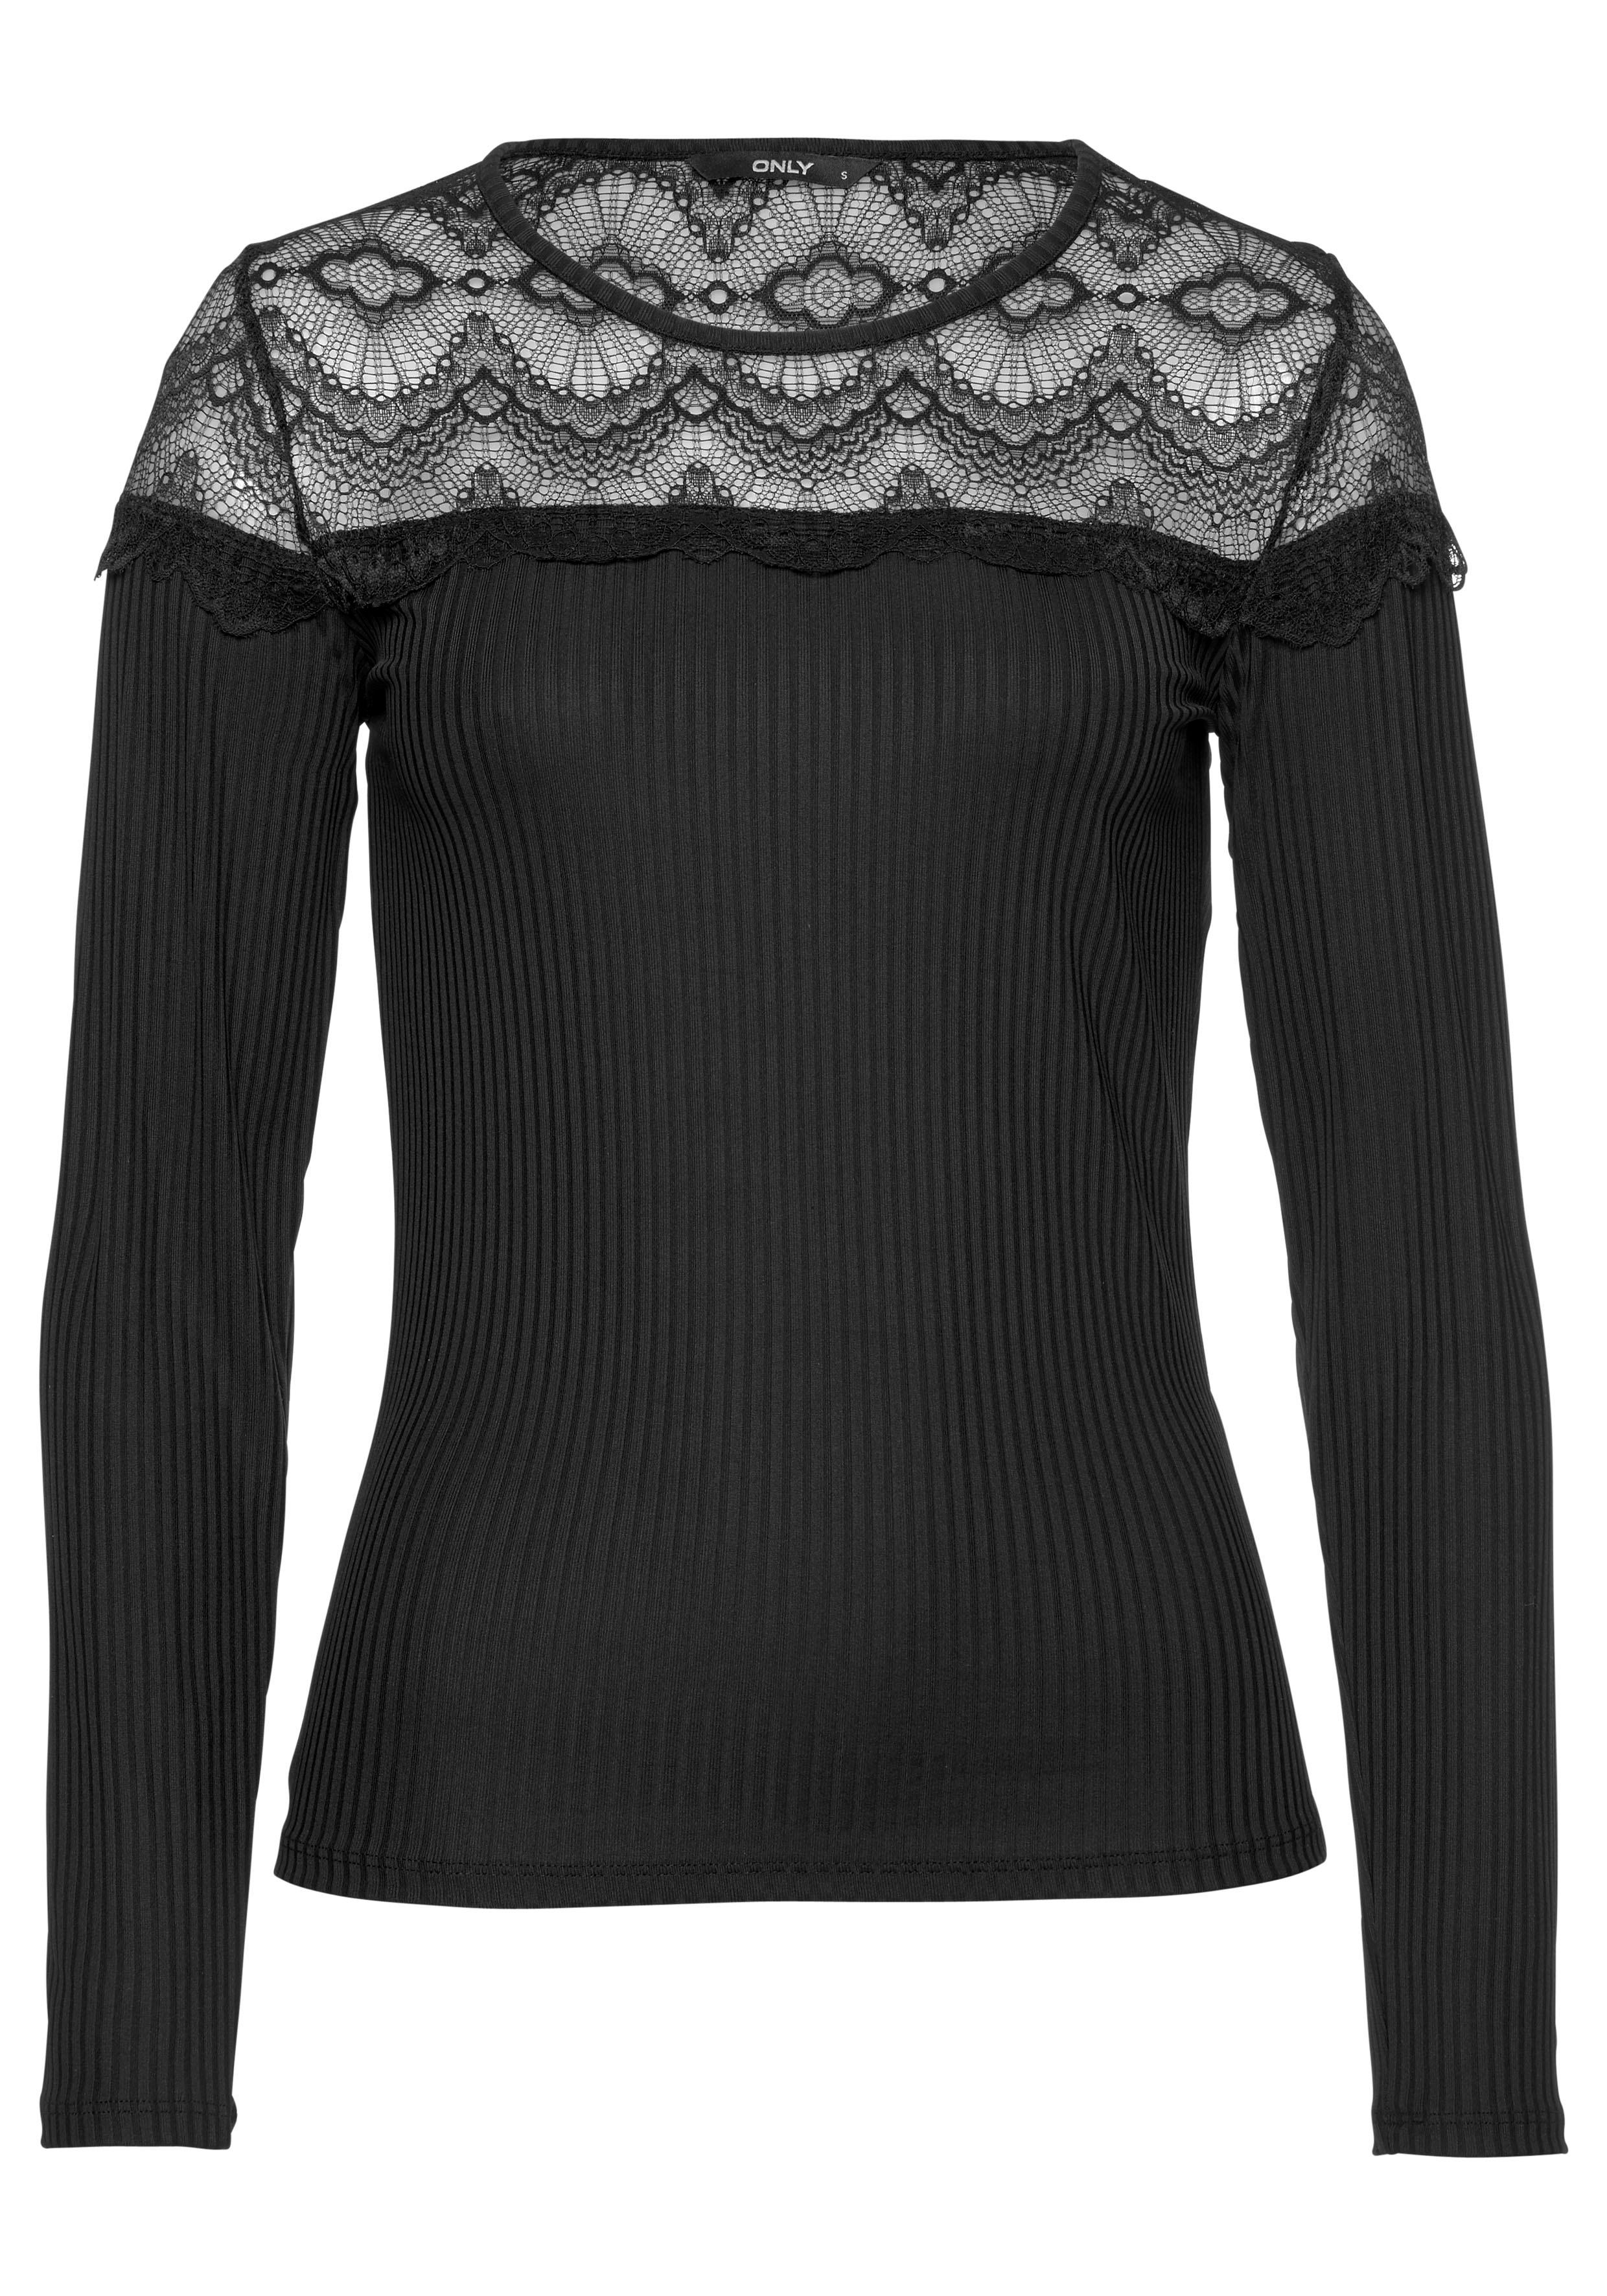 Only Spitzenshirt VIVIAN | Bekleidung > Shirts > Spitzenshirts | Schwarz | Only